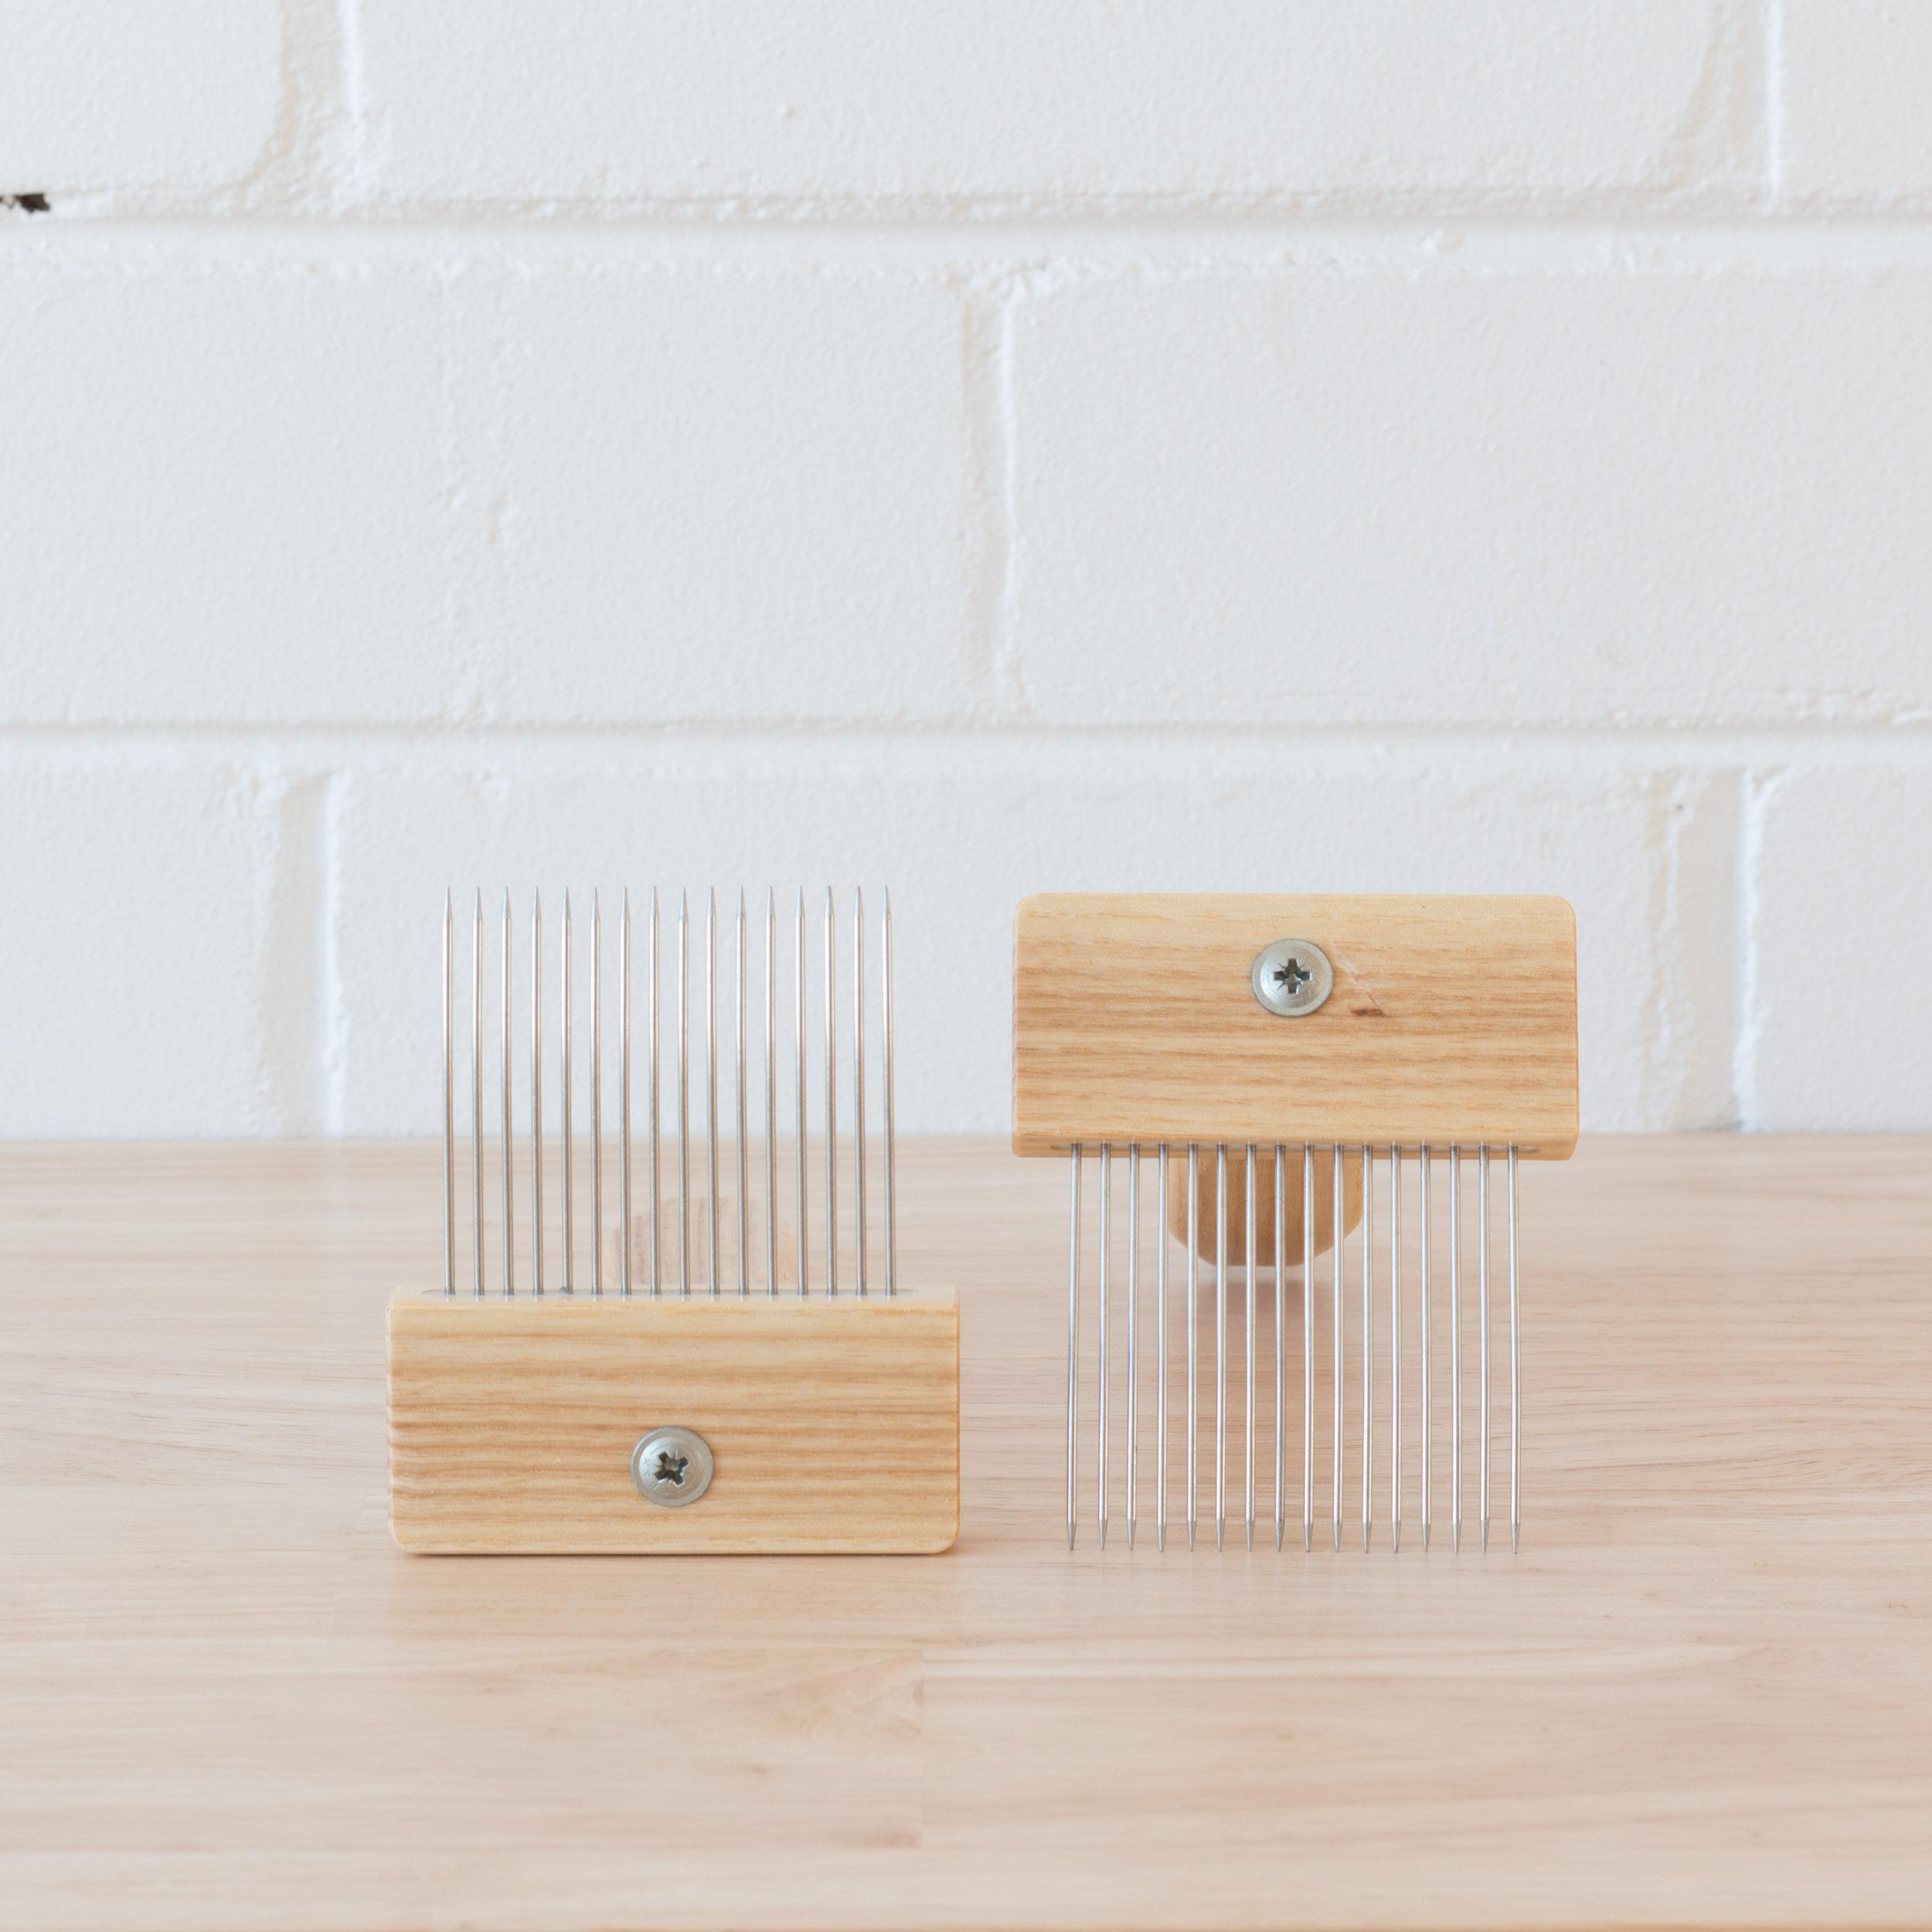 Loom & Spindle - Louet Hand Combs-1.jpg